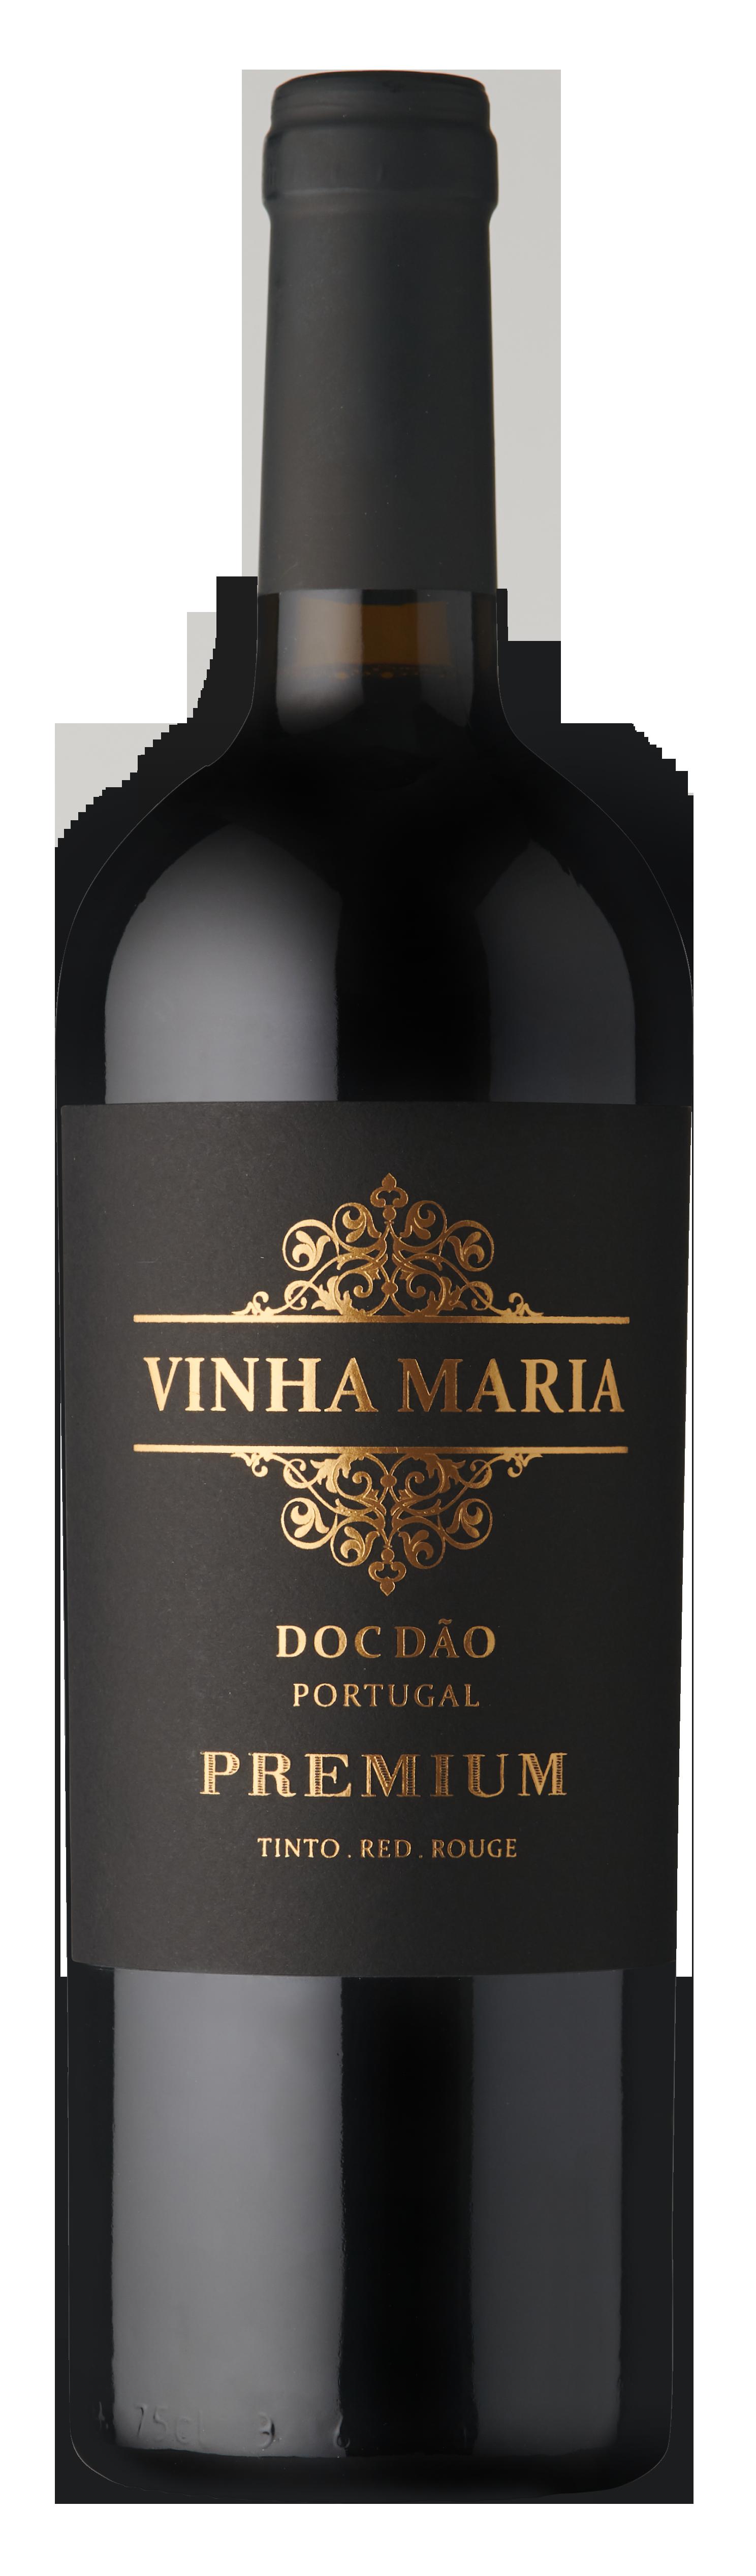 Vinha Maria Premium Red